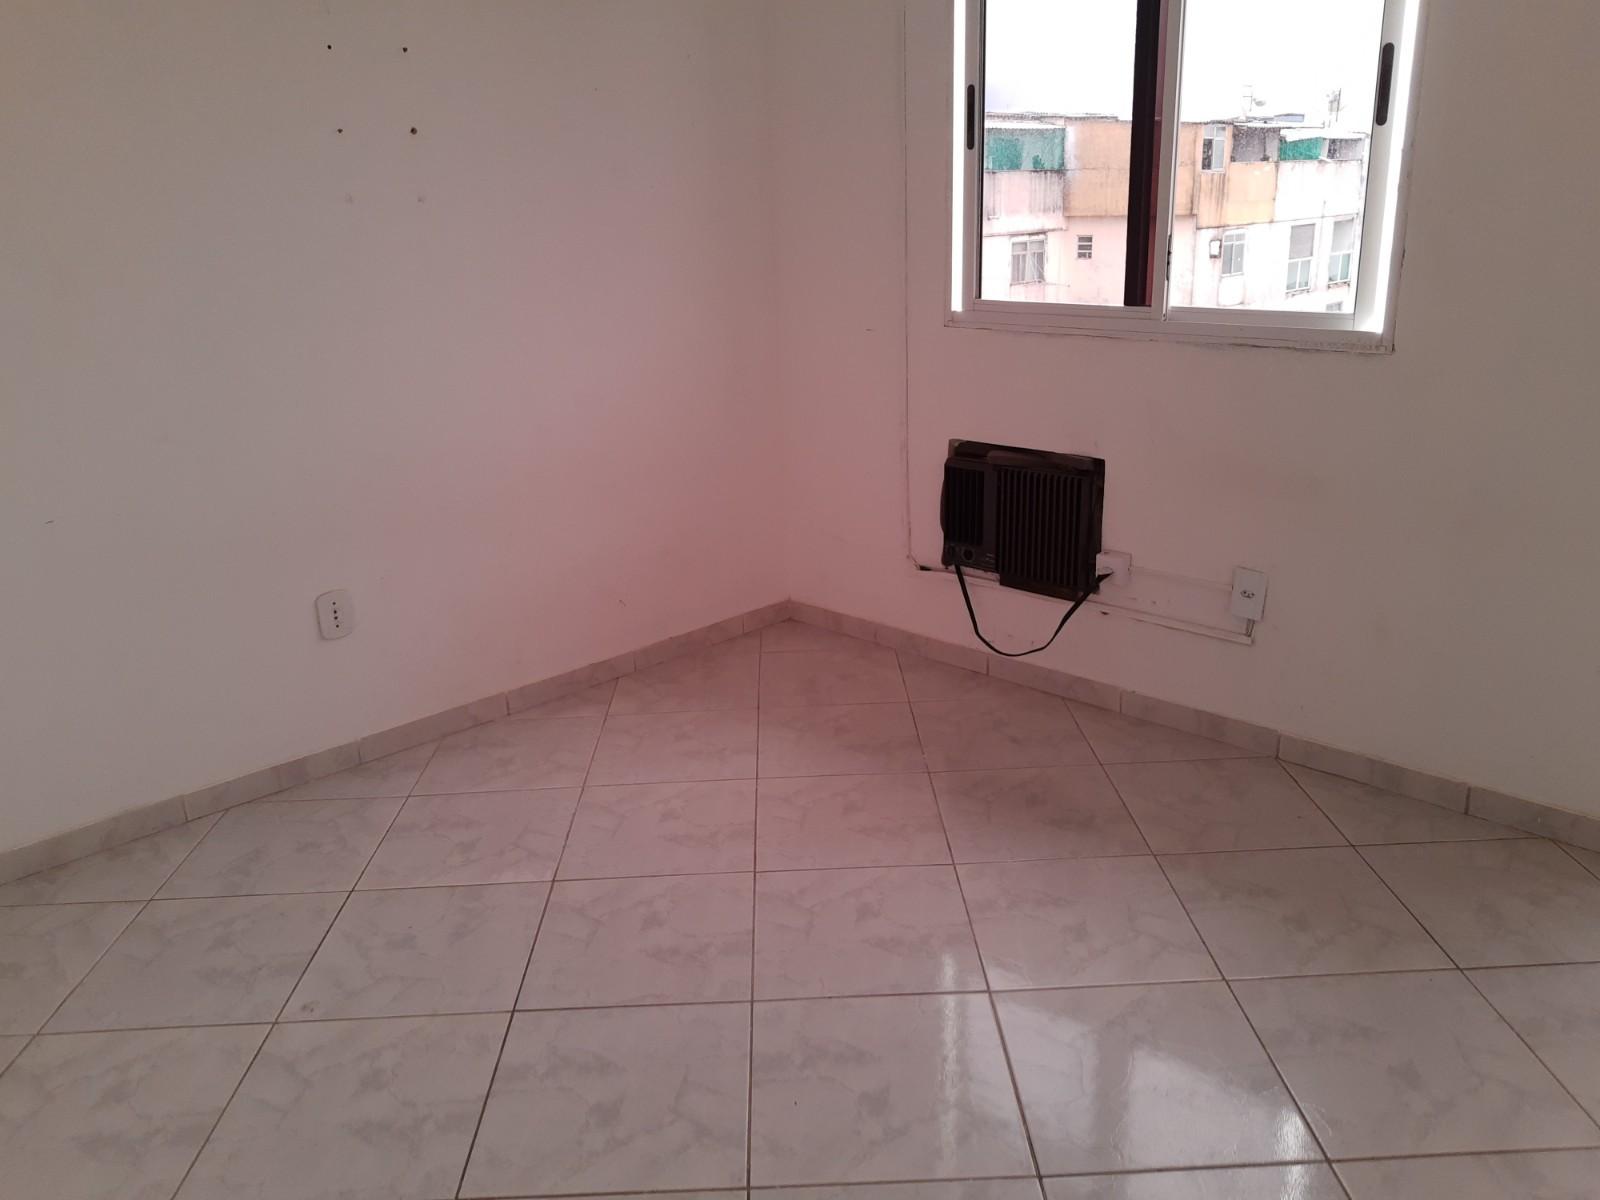 Alugo 1 quarto no Terreirao - Recreio - parcialmente mobiliado  R$ 1.070  - (21) 99716-2274